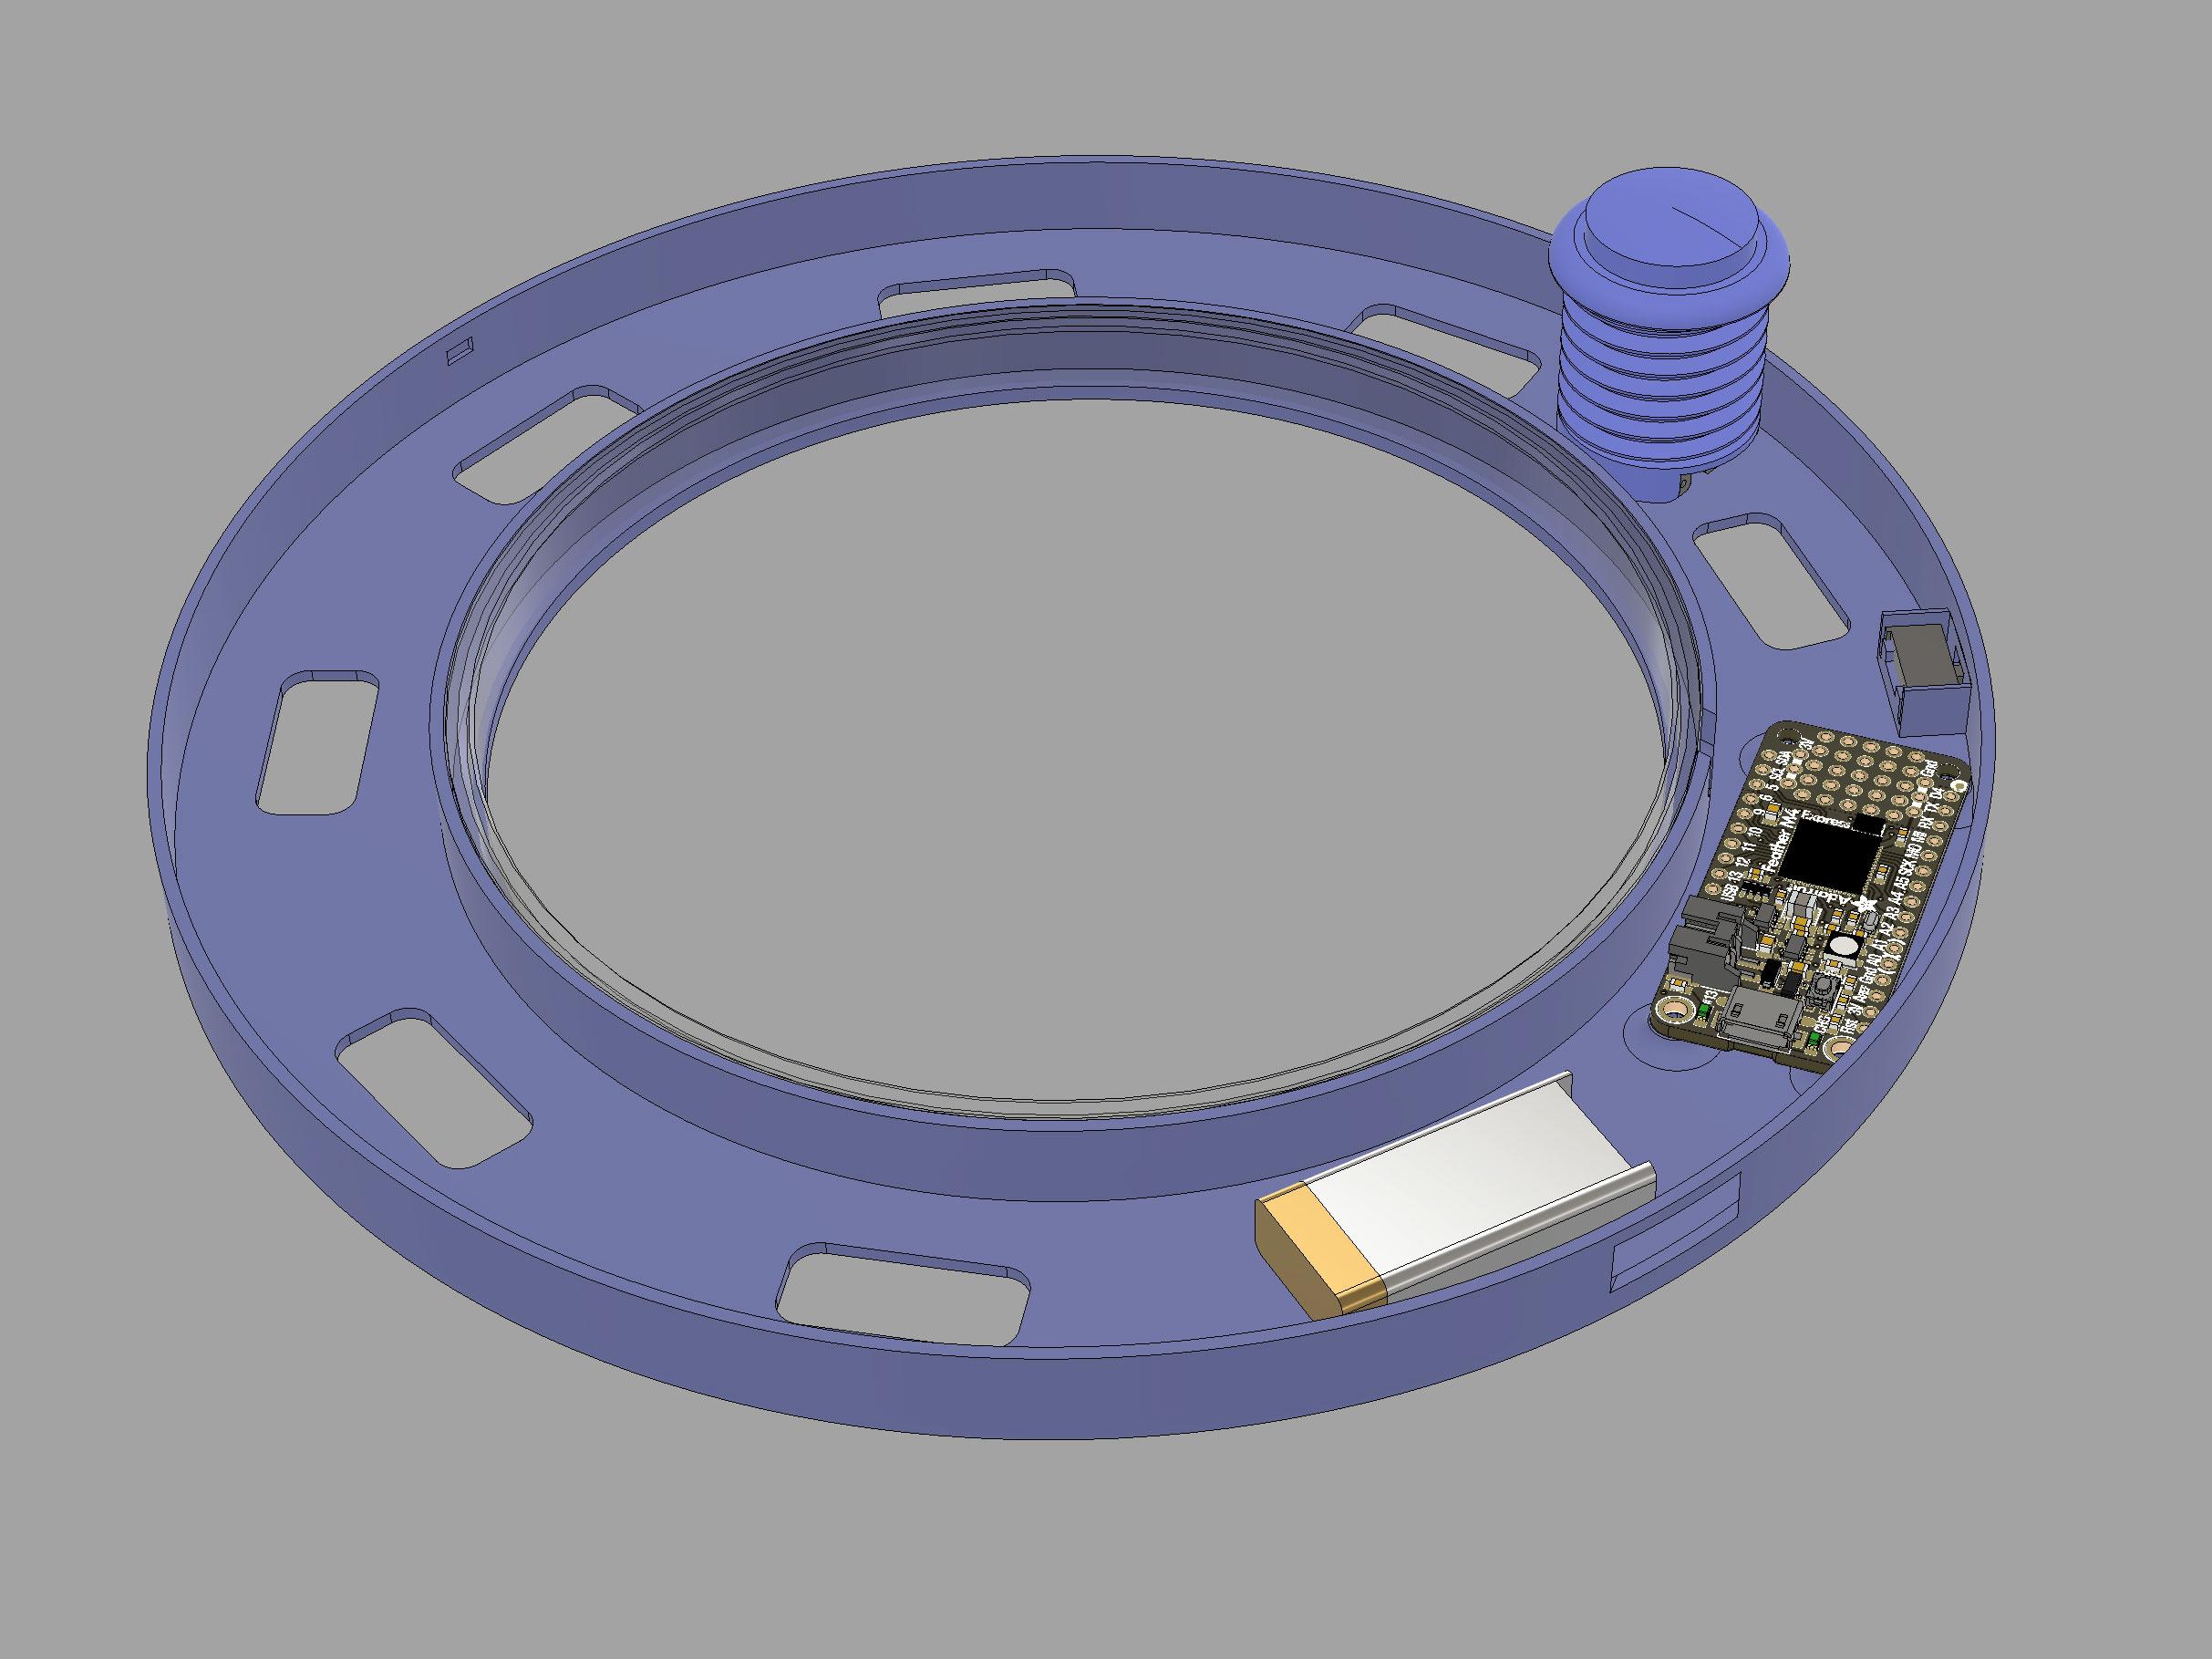 led_pixels_cad-parts.jpg